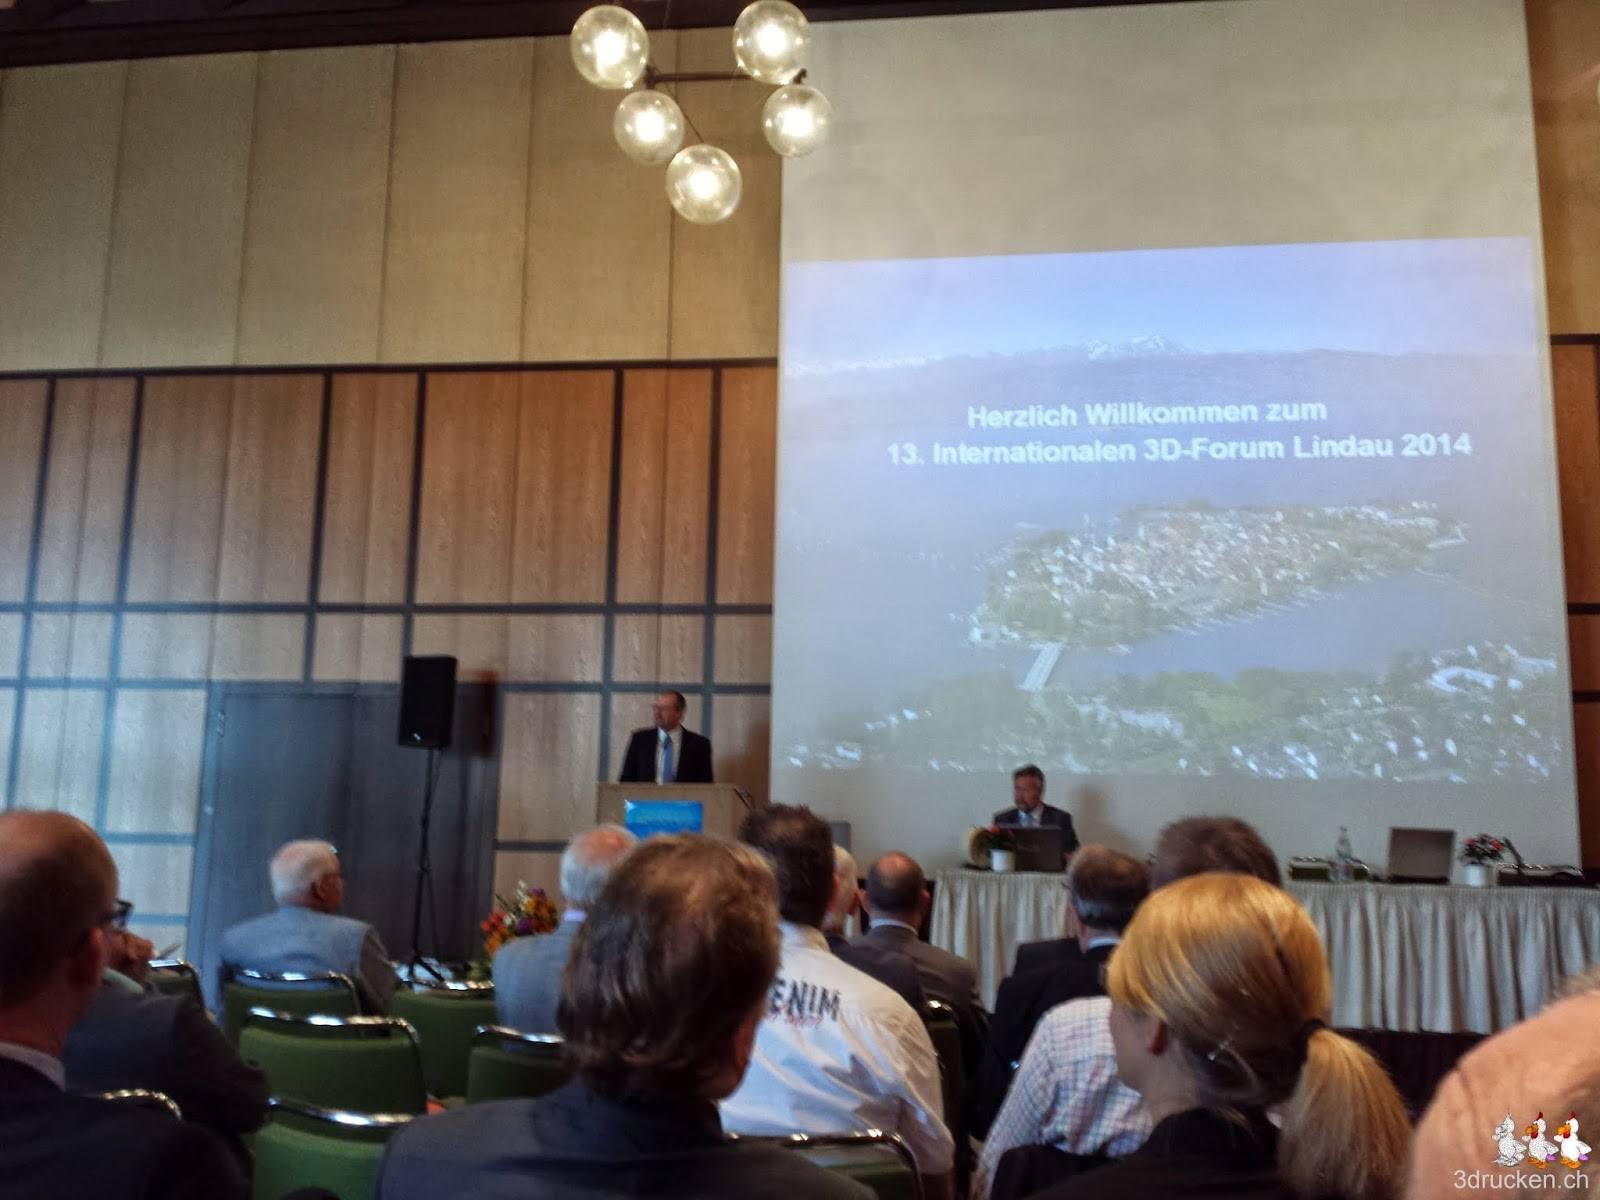 Foto von der Eröffnungsrede am 3D - Forum in Lindau